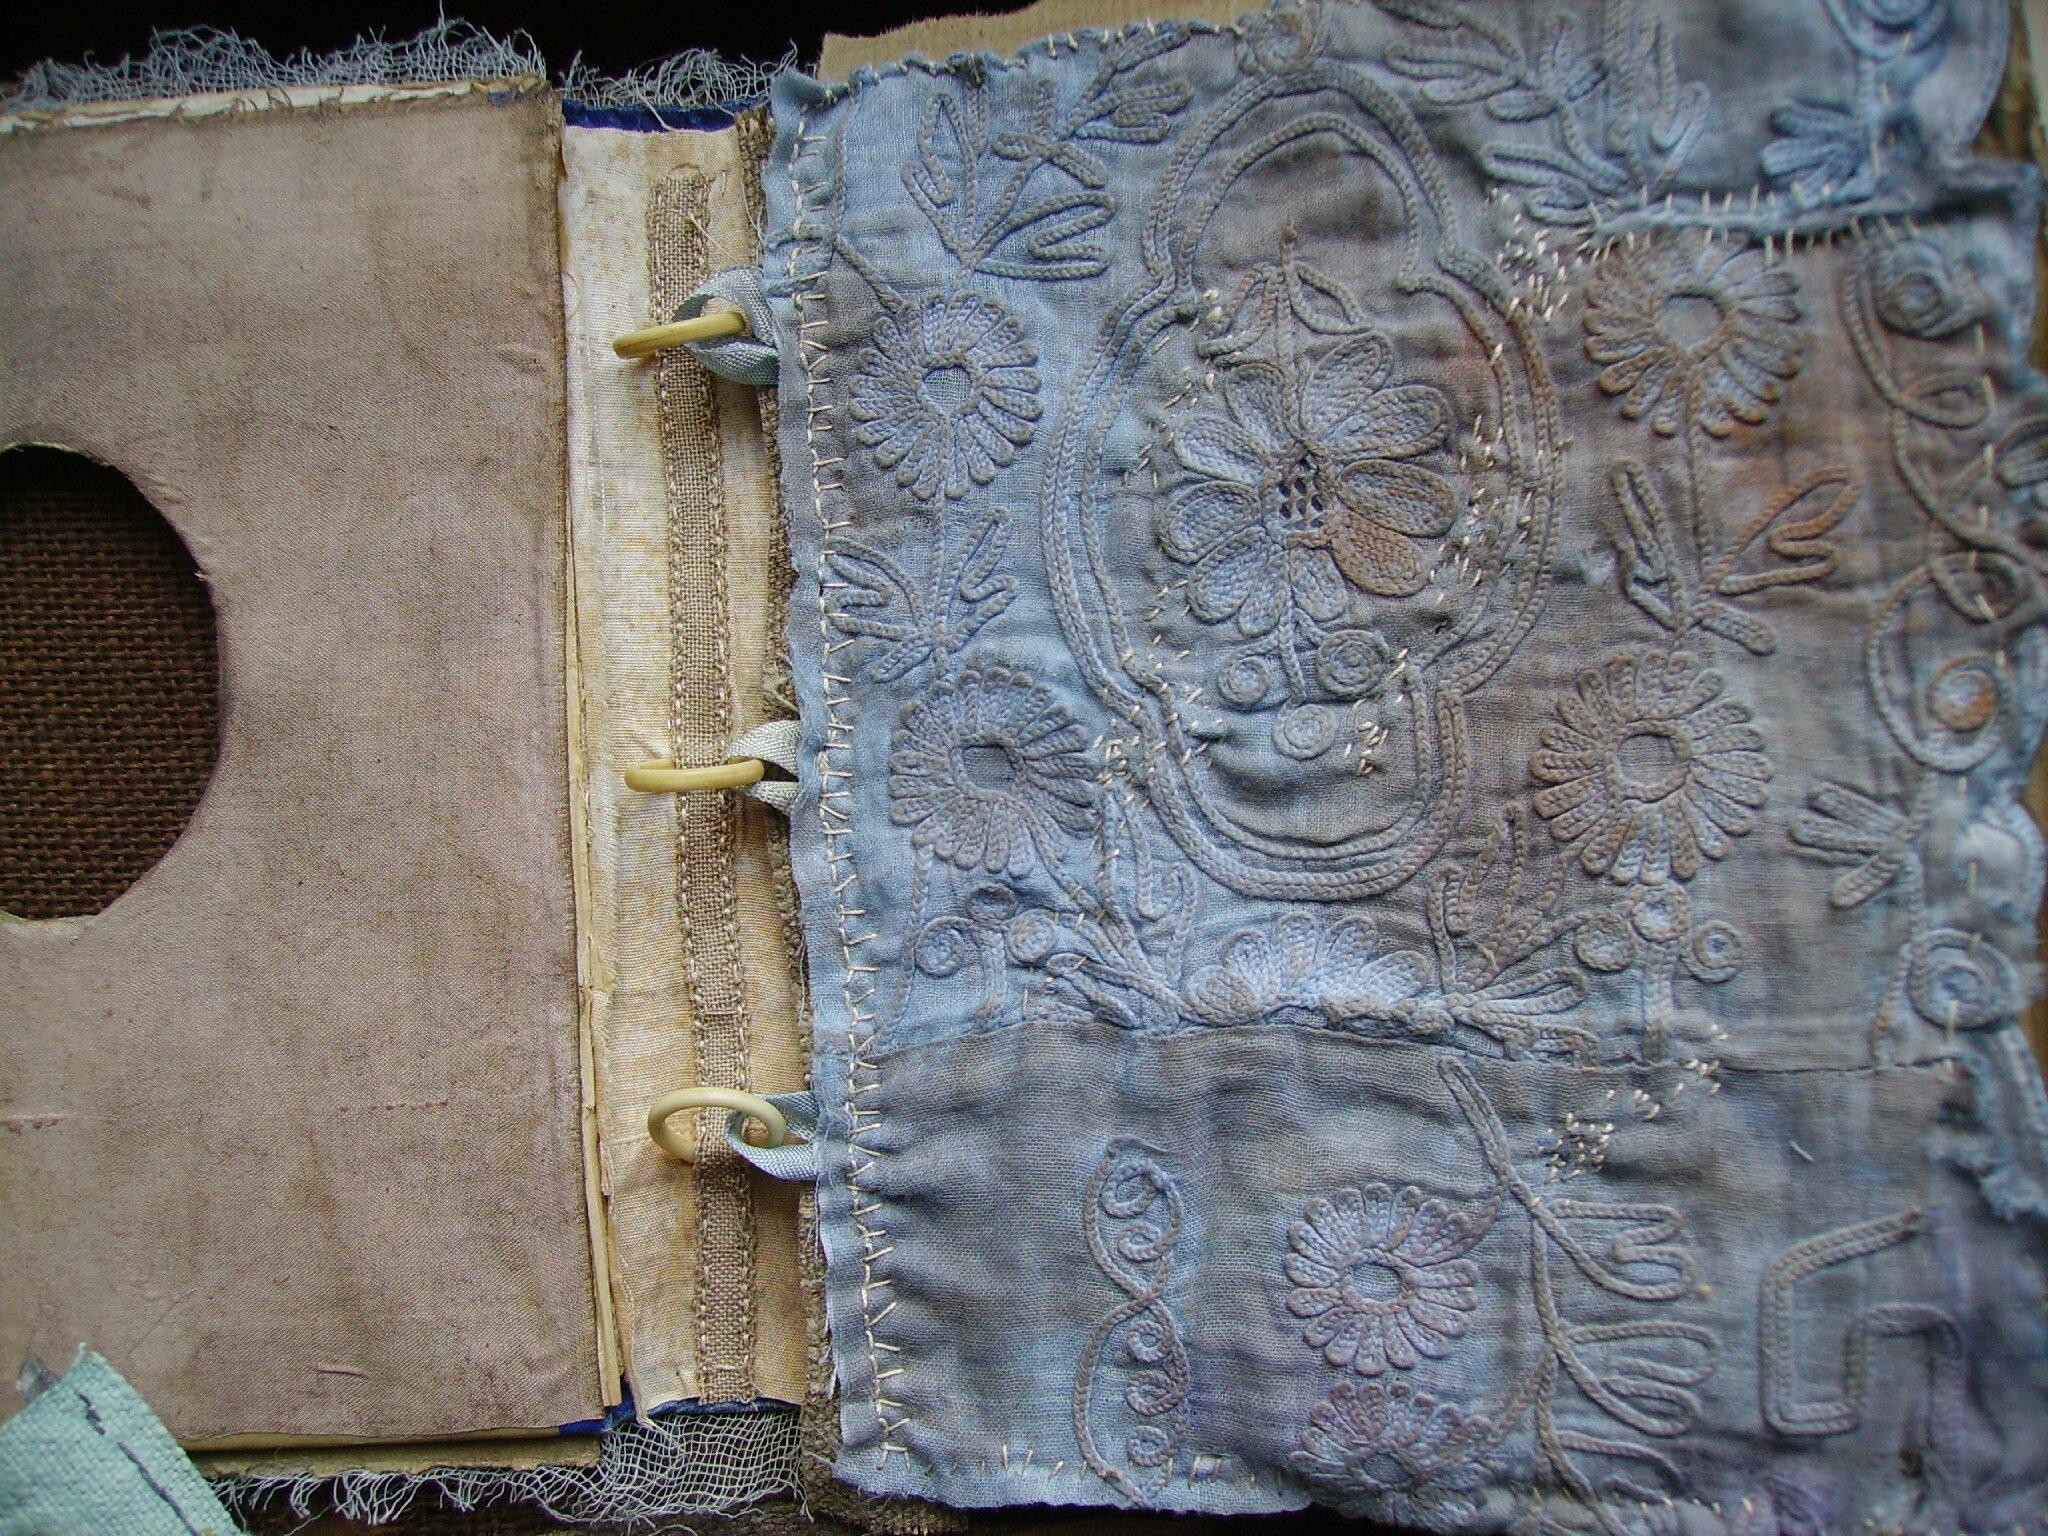 le livre bleu et brun, 2.